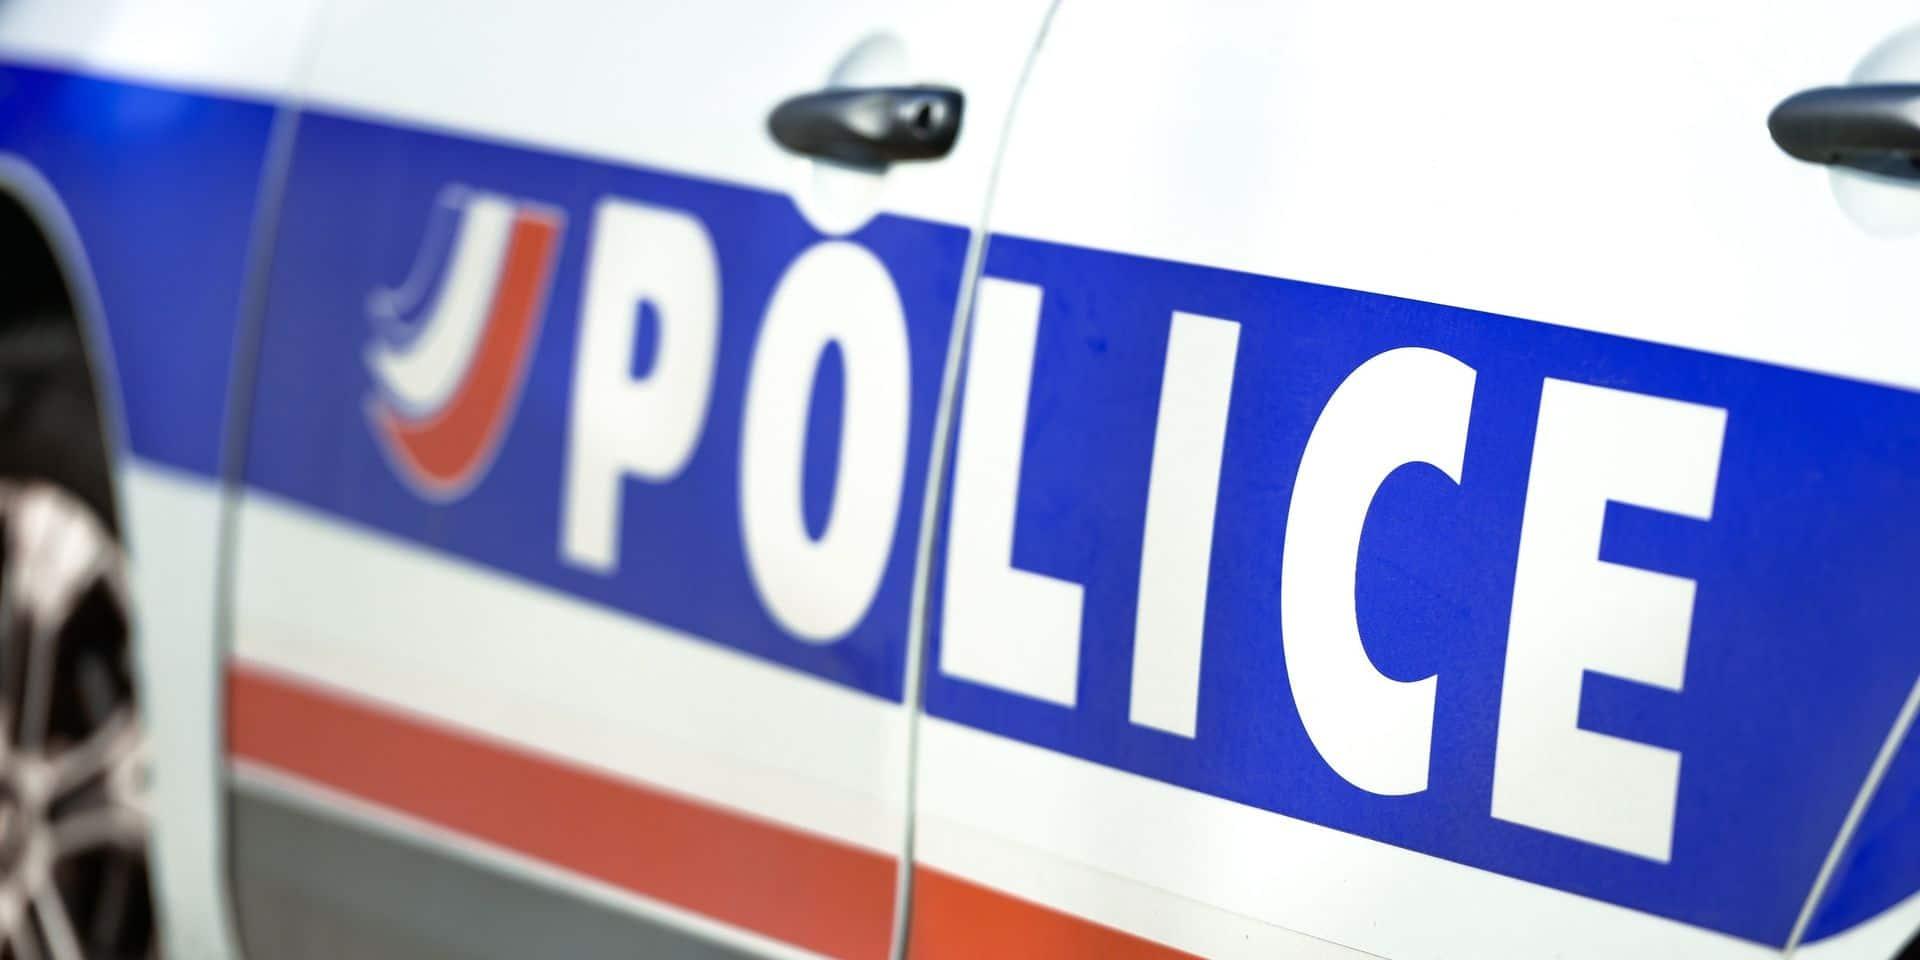 France: Deux morts et une personne en urgence absolue après une agression à Cholet